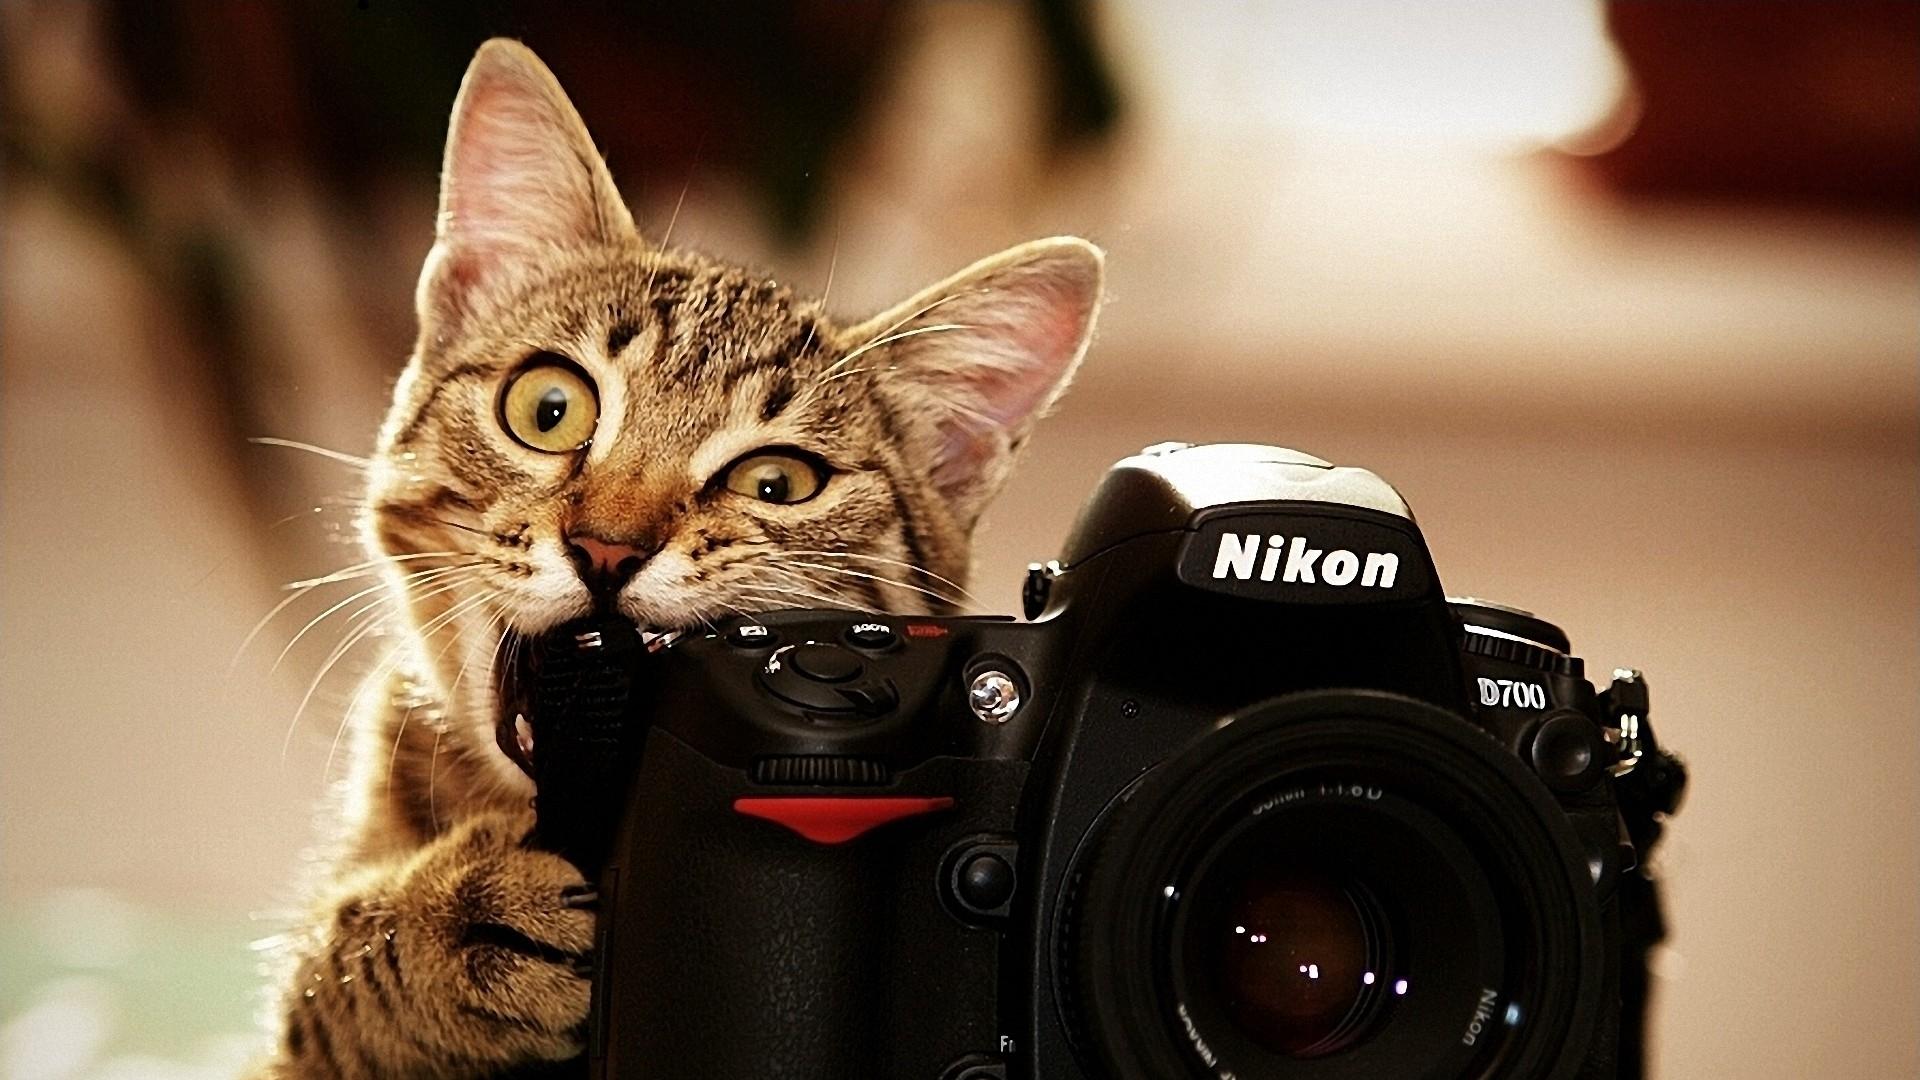 кот грызет фотоаппарат Nikon, скачать фото, обои на рабочий стол